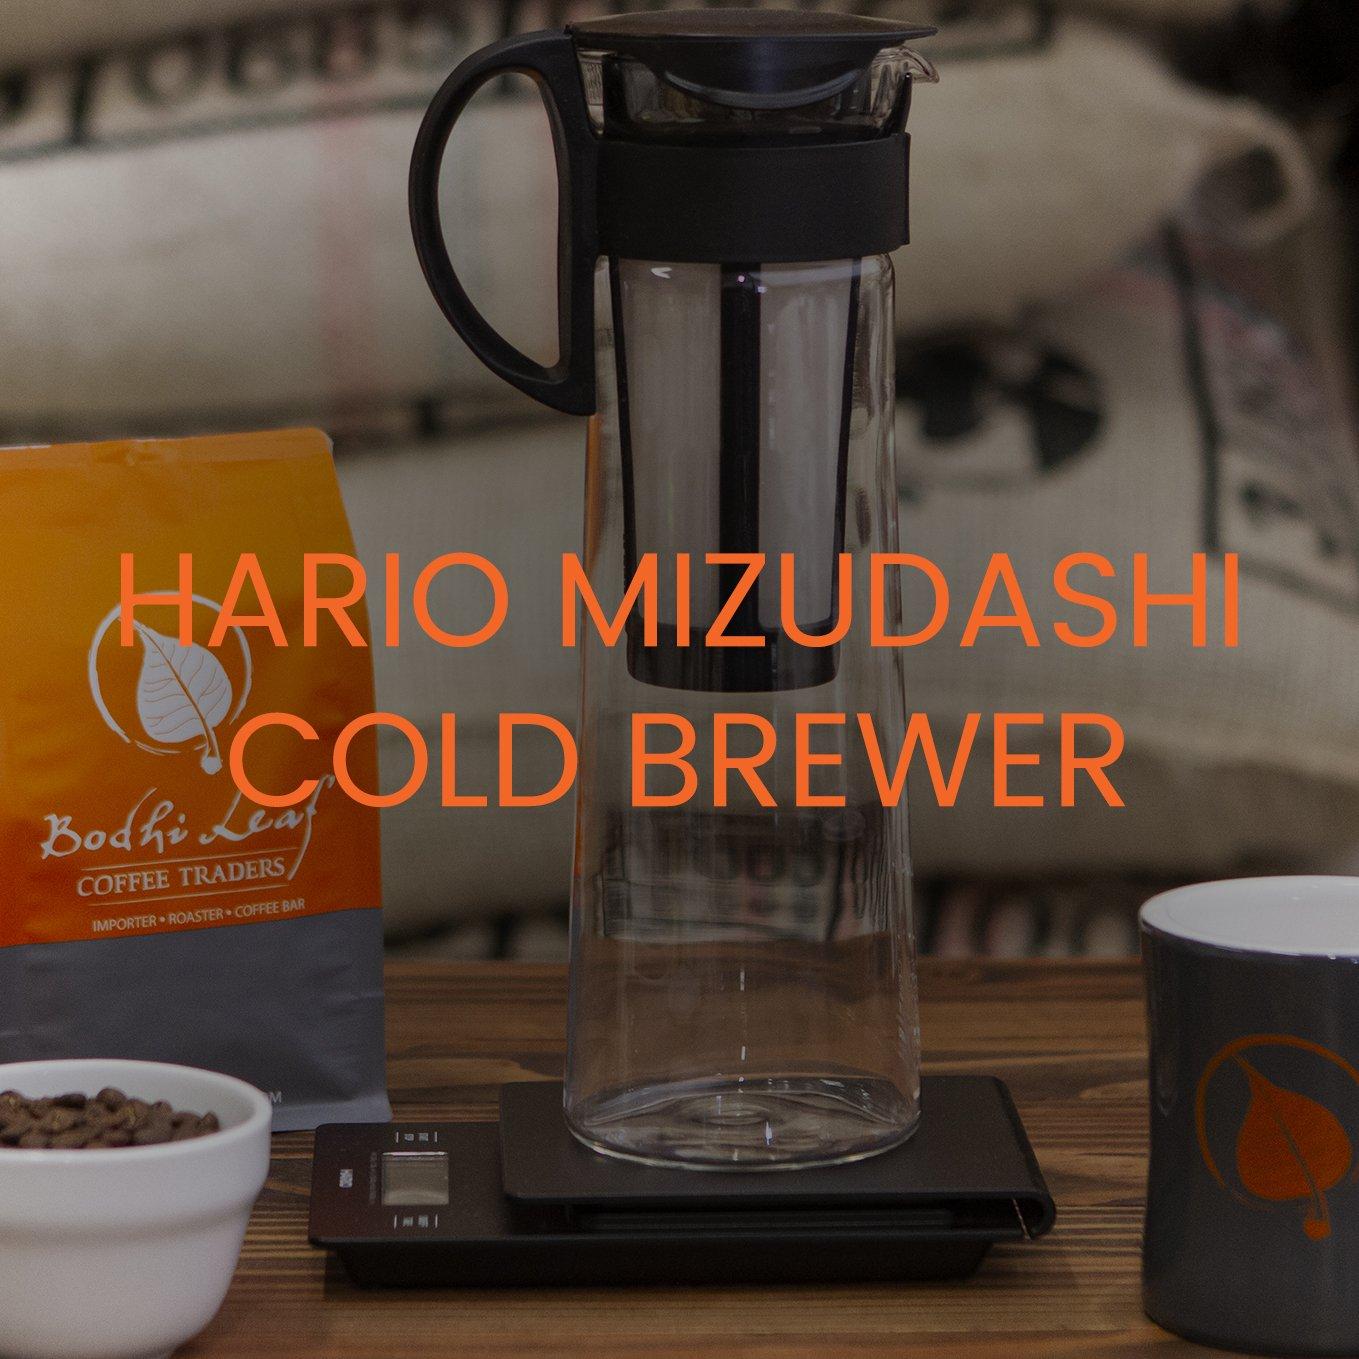 HARIO MIZUDASHI COLD BREWER